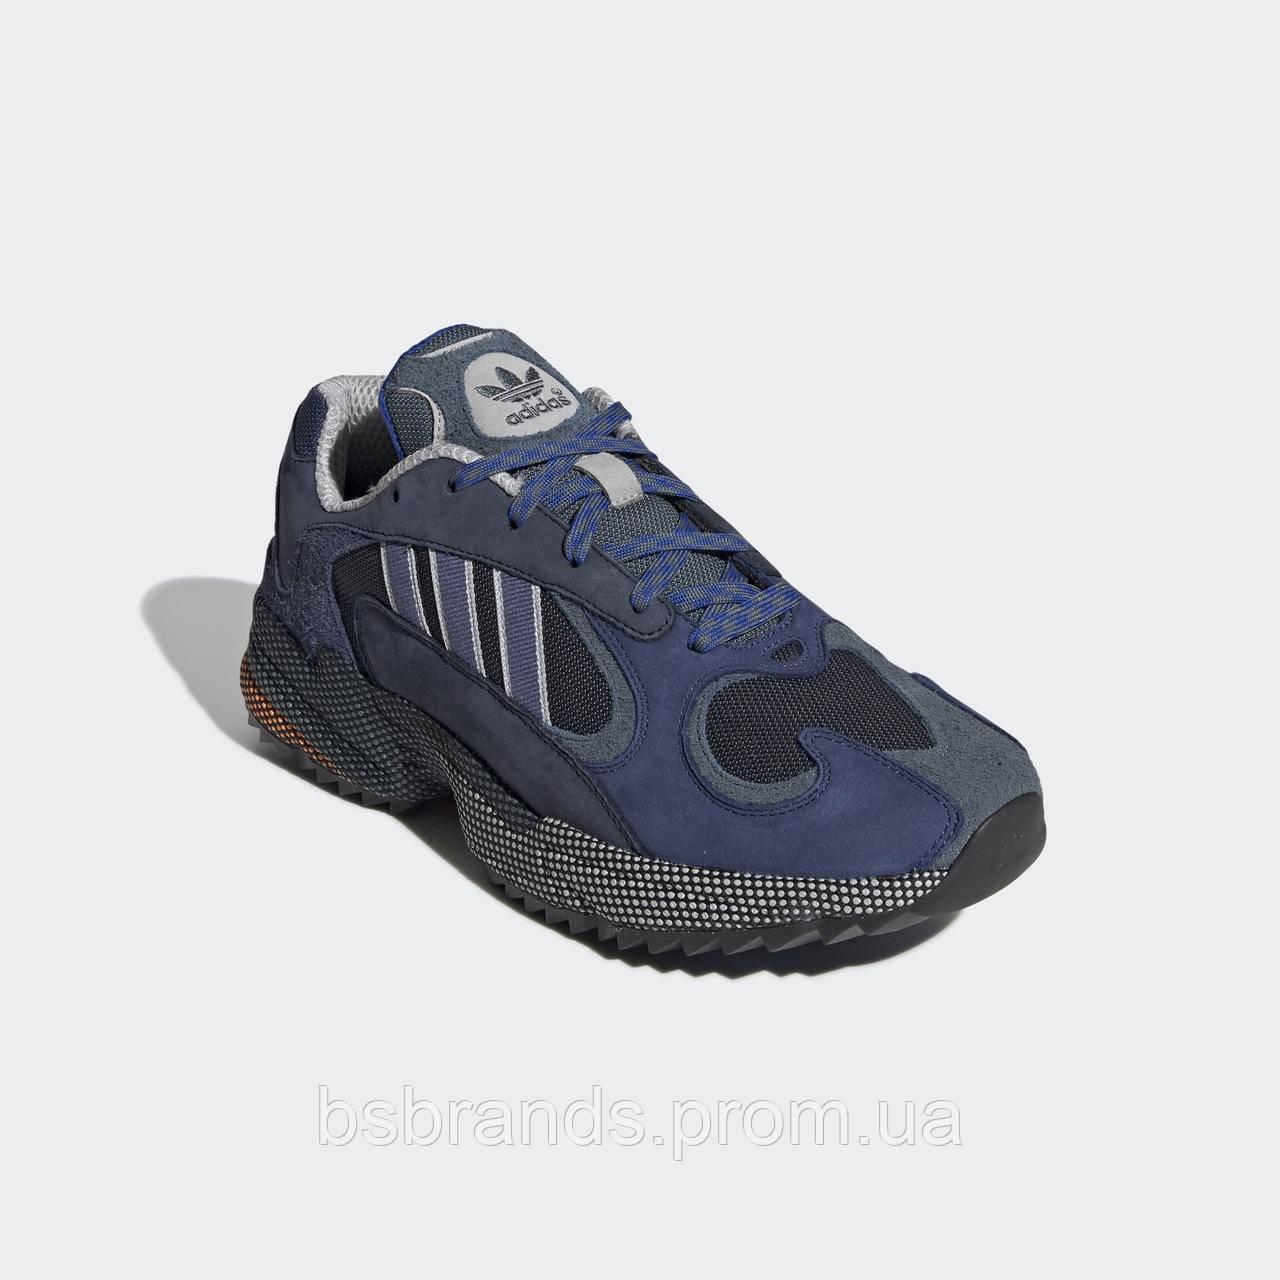 Мужские кроссовки adidas Yung-1 EF5337 (2020/1)